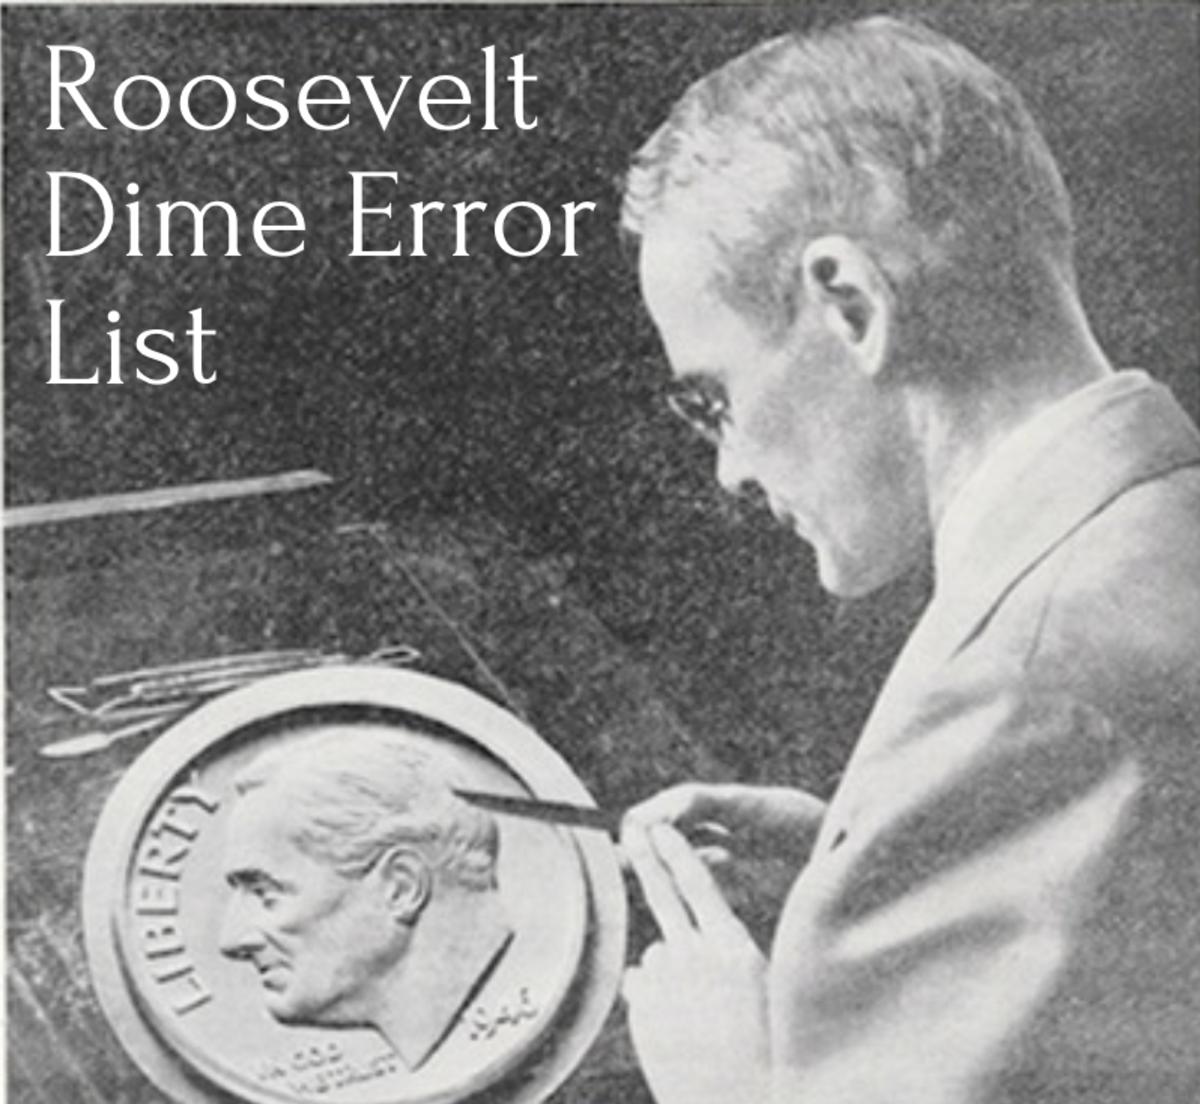 John R. Sinnock at work on plaster model of Roosevelt dime.